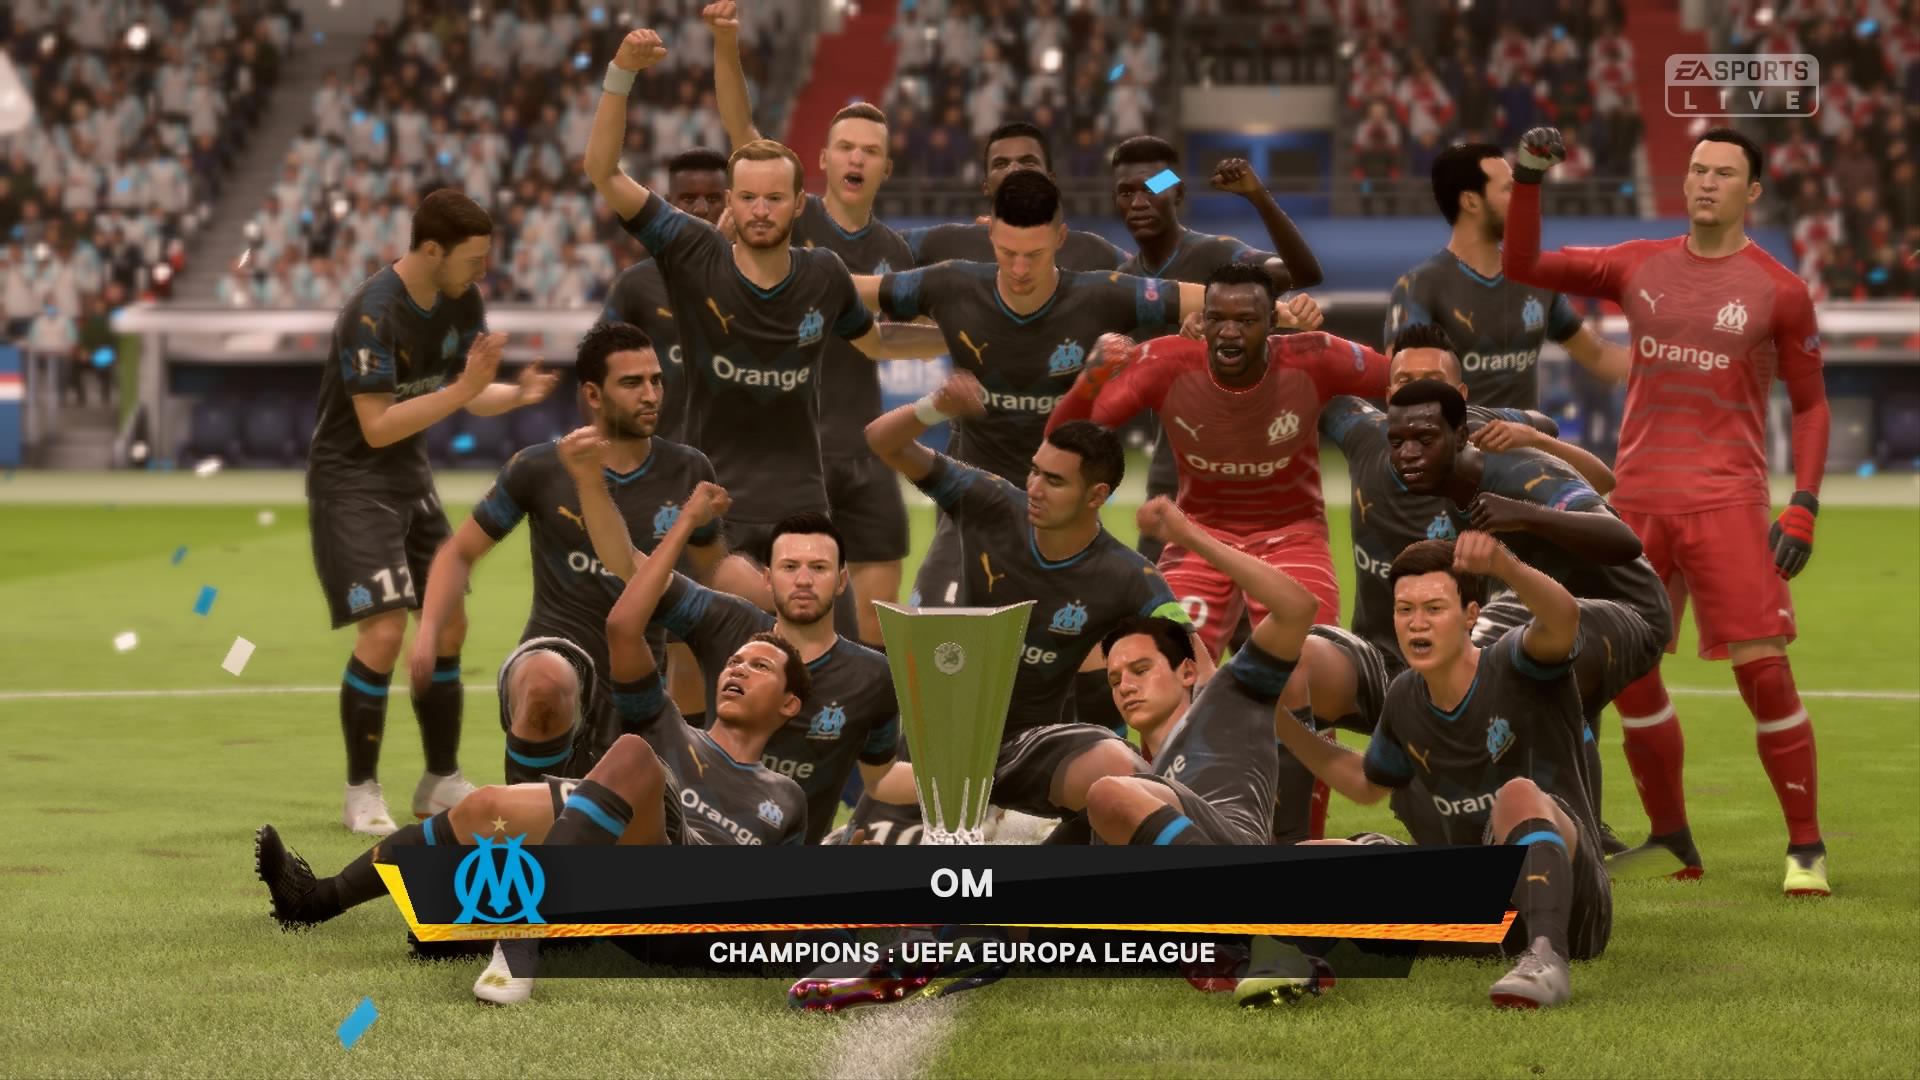 fifa_19_match_carrie_re_0-3_asm_-_om_2e_pe_riode_2.jpg